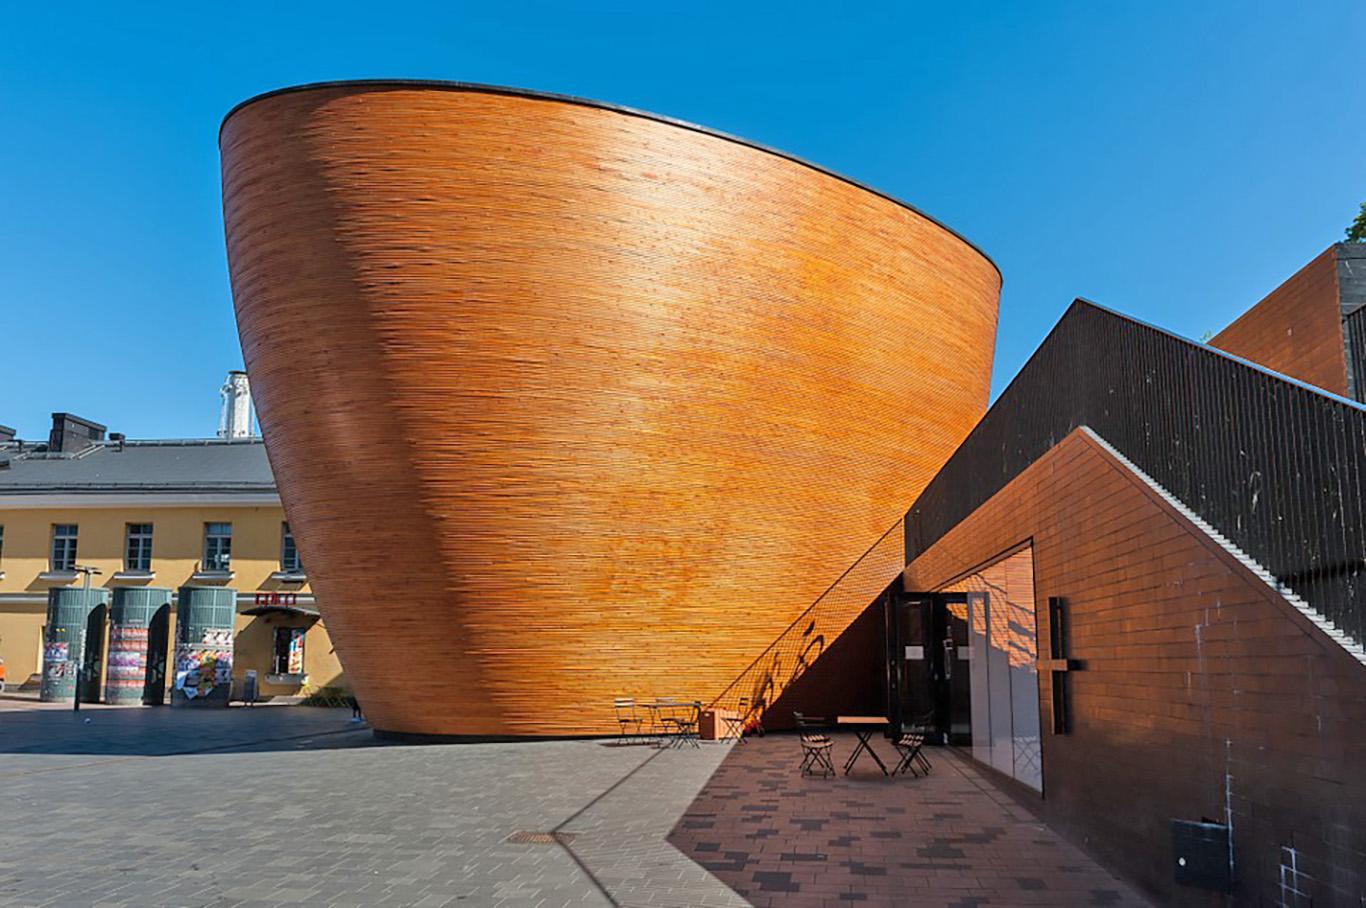 kamppi-chapel-of-silence-helsinki-zeppelin